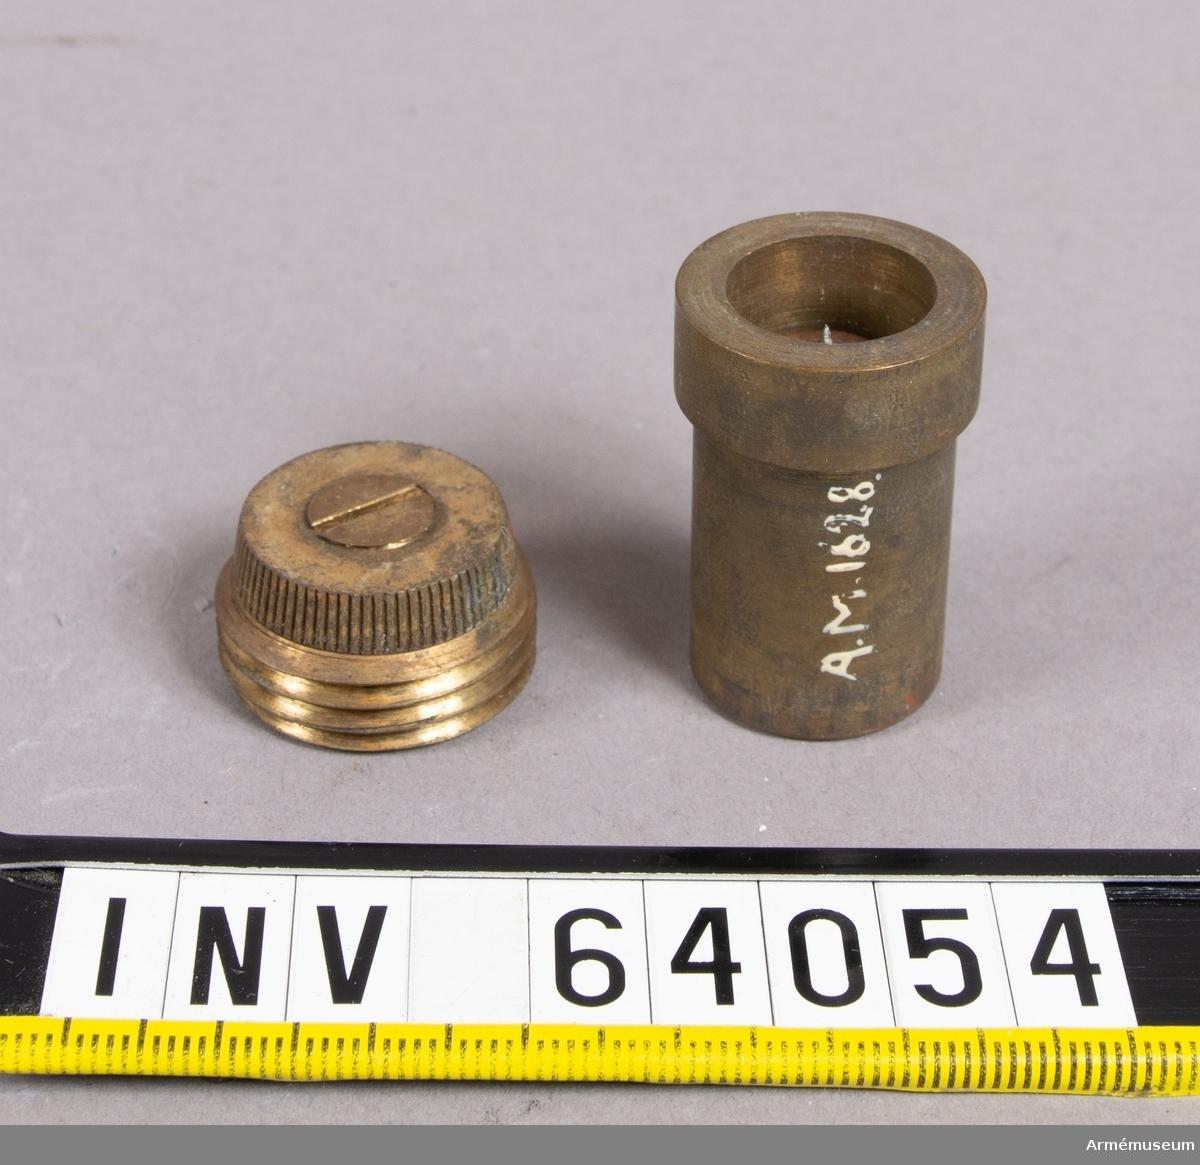 Grupp F II. Till granat till bakladdningskanon av Krupps modell 1876. Delar saknas.